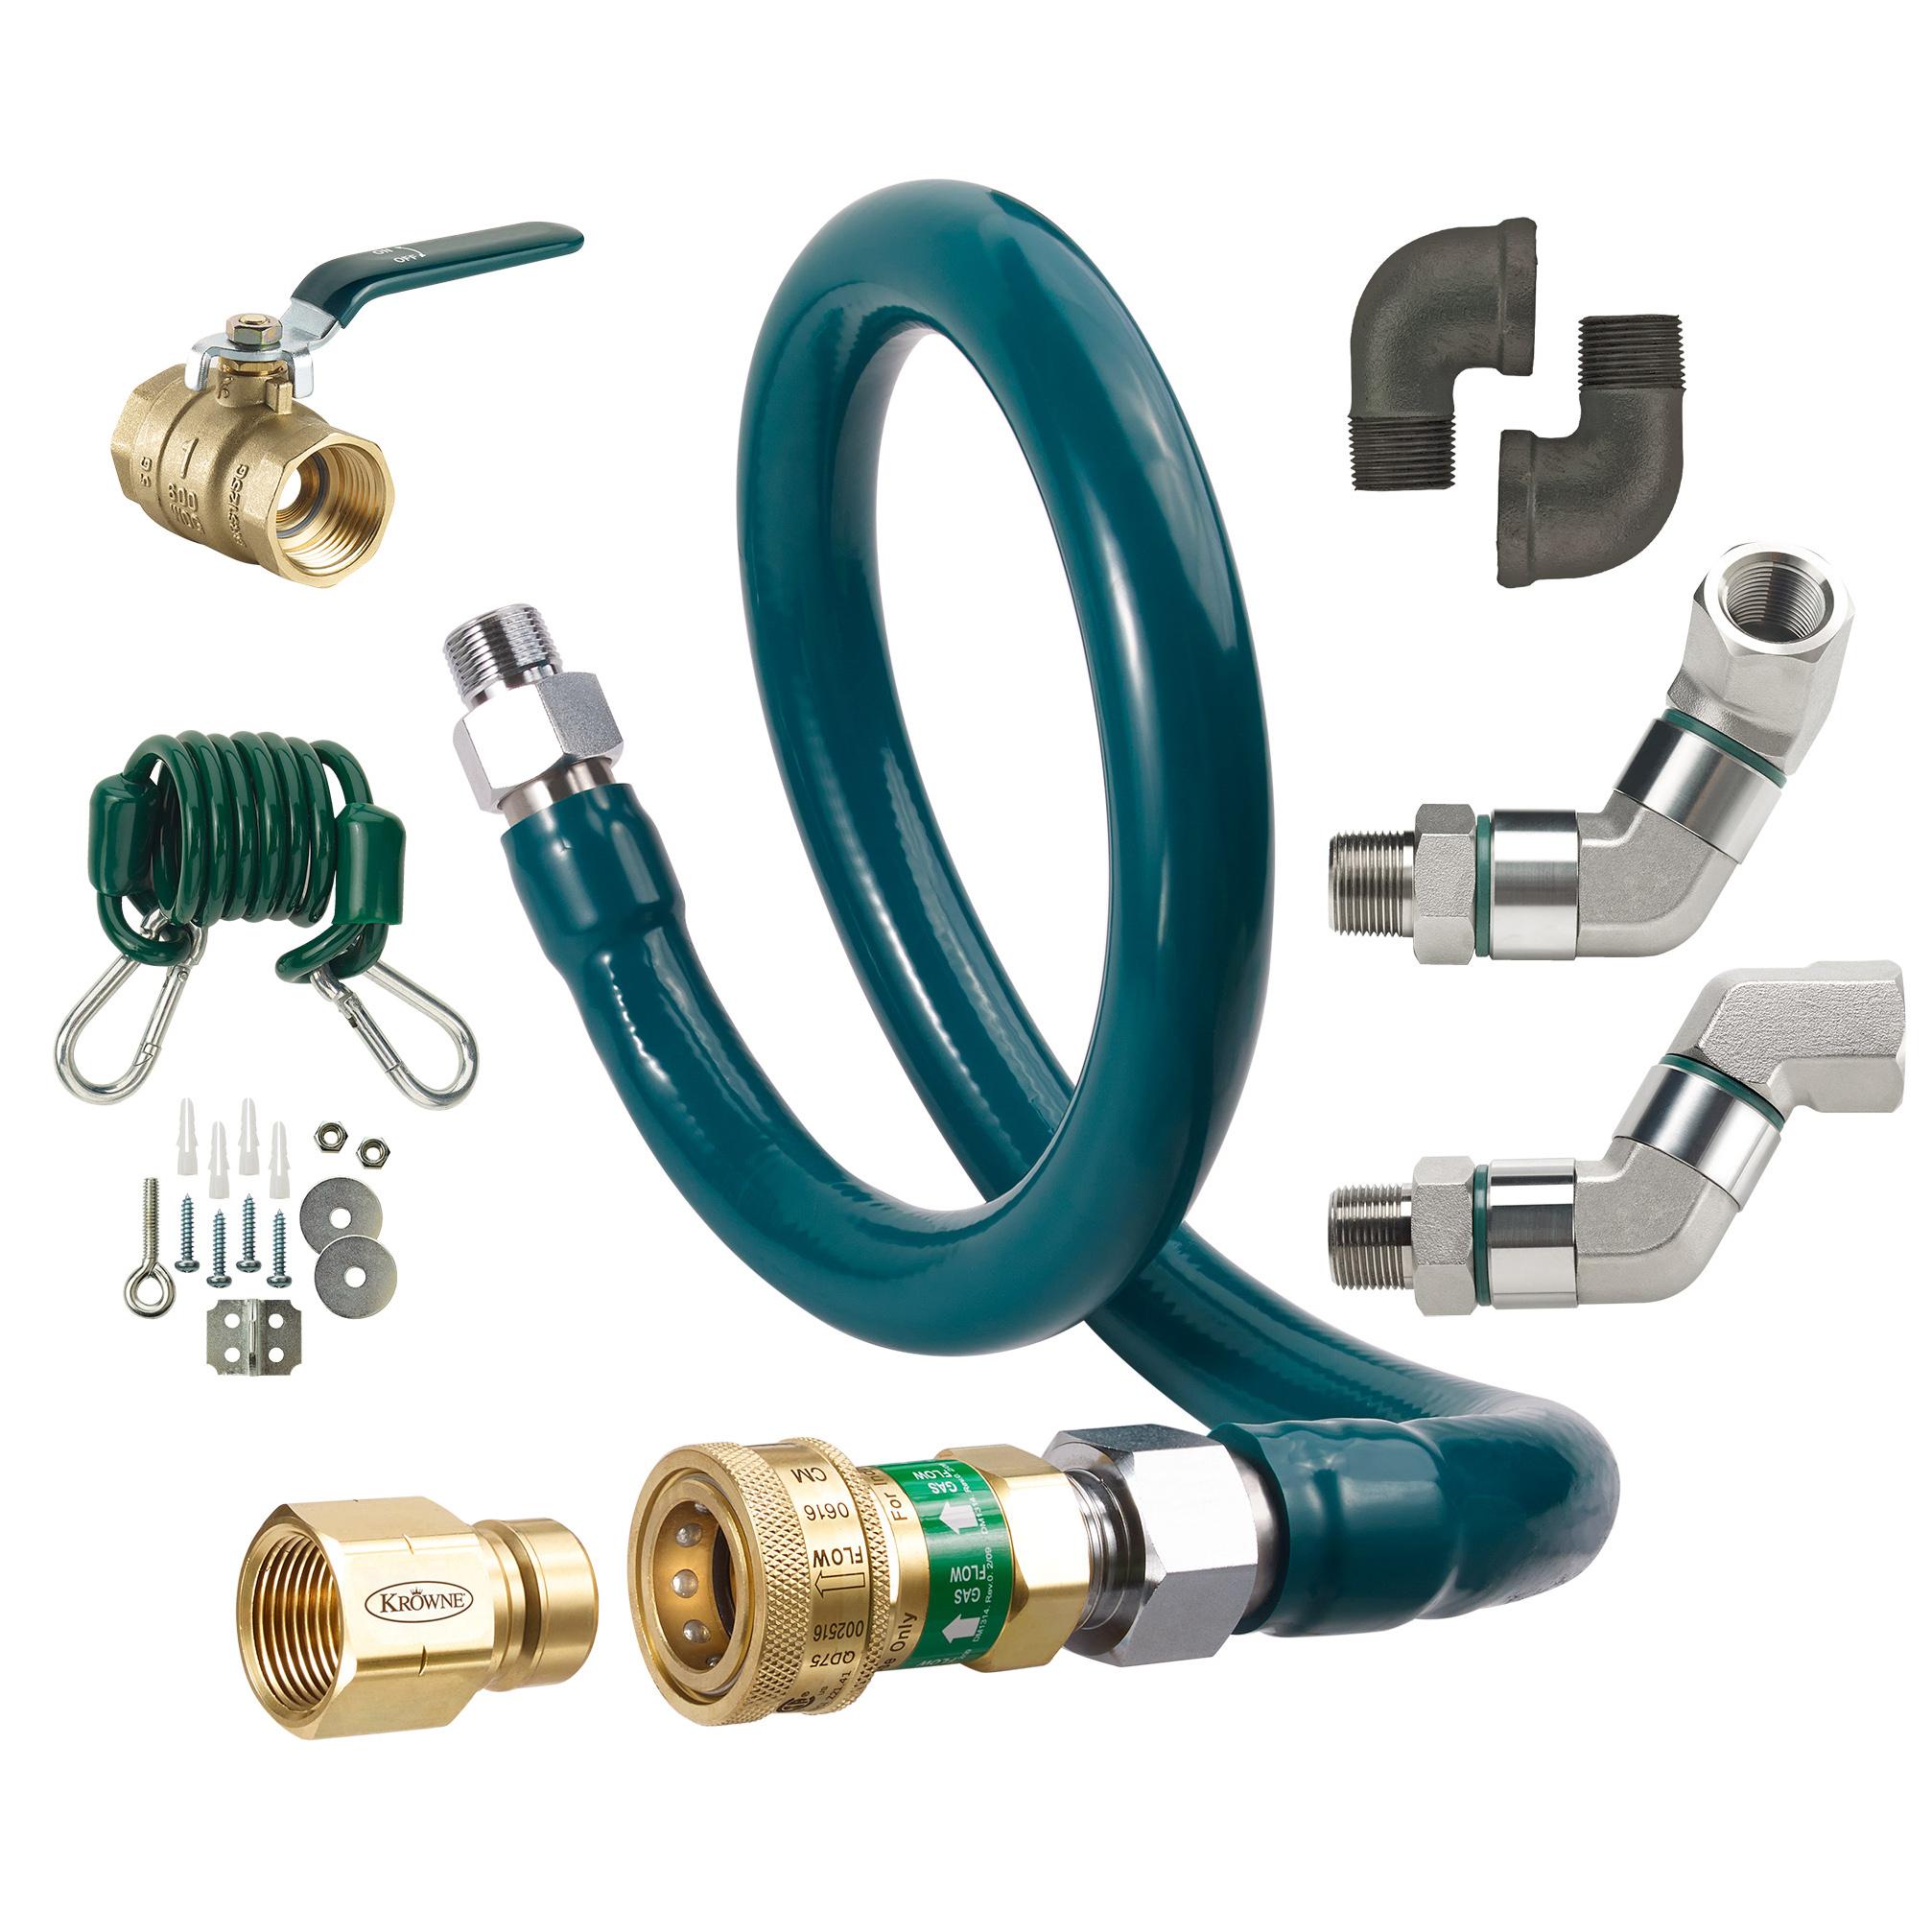 Krowne Metal M7536K10 gas hoses